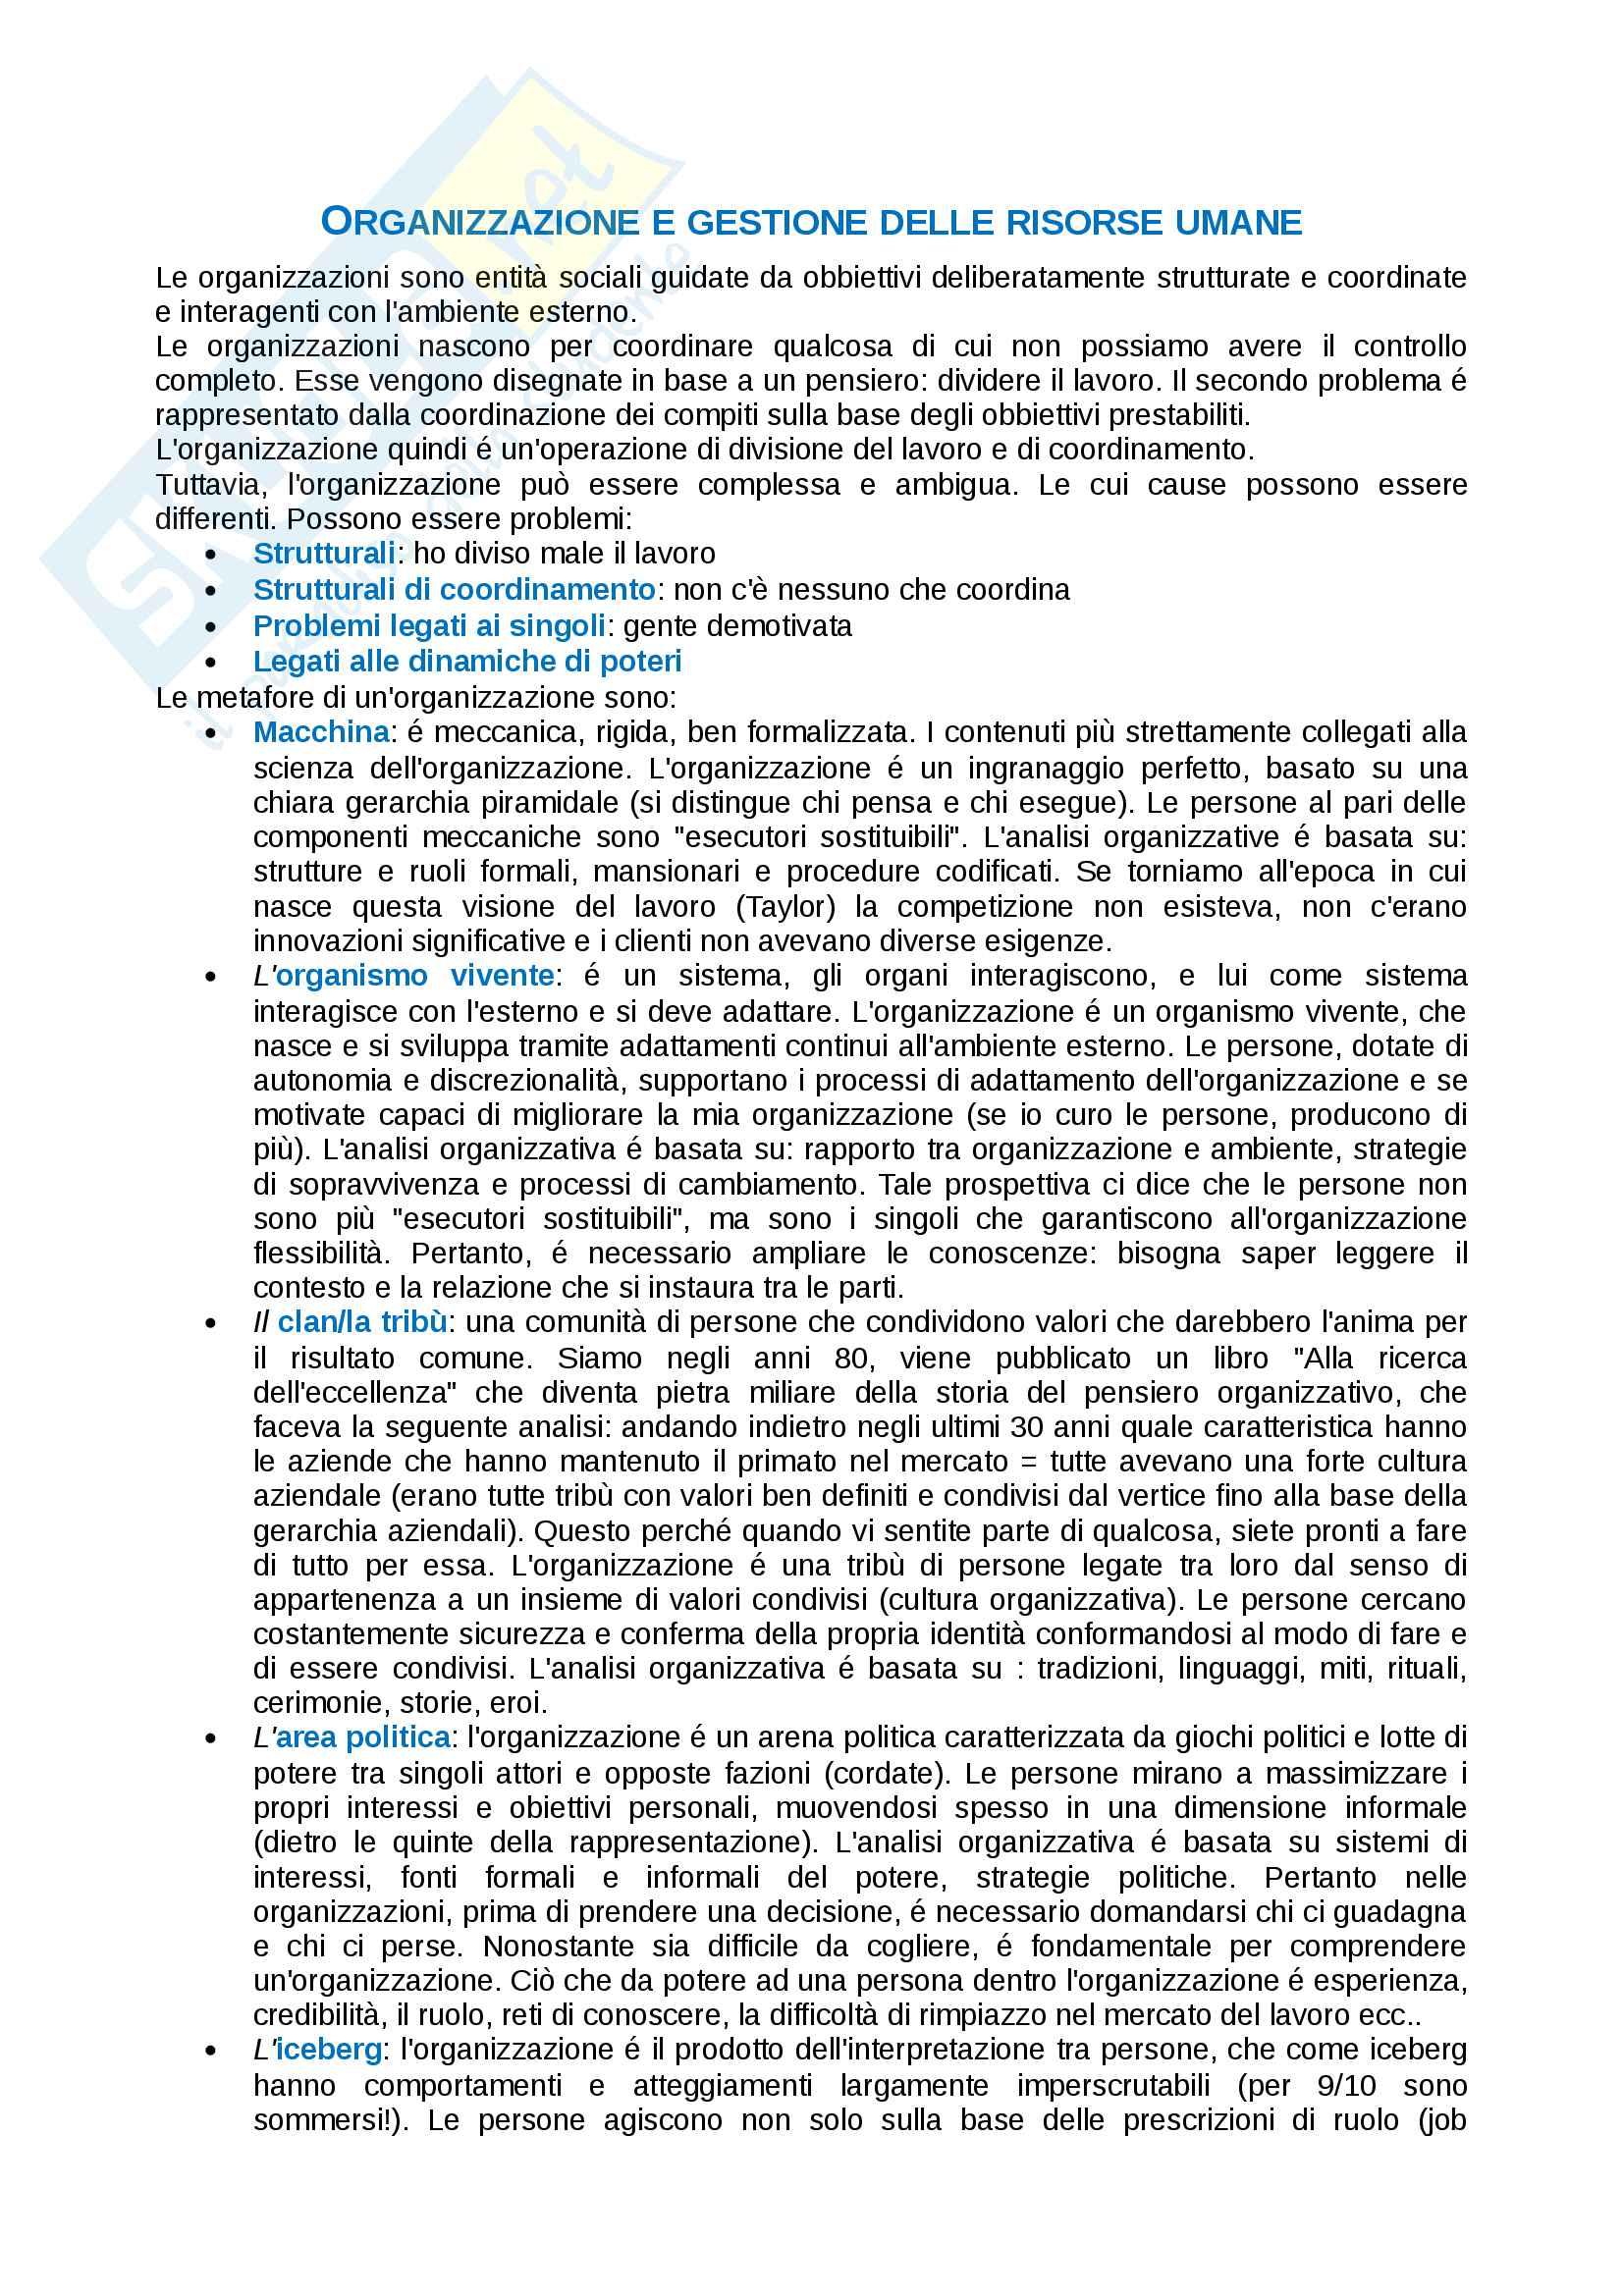 Appunti di Organizzazione e gestione delle risorse umane